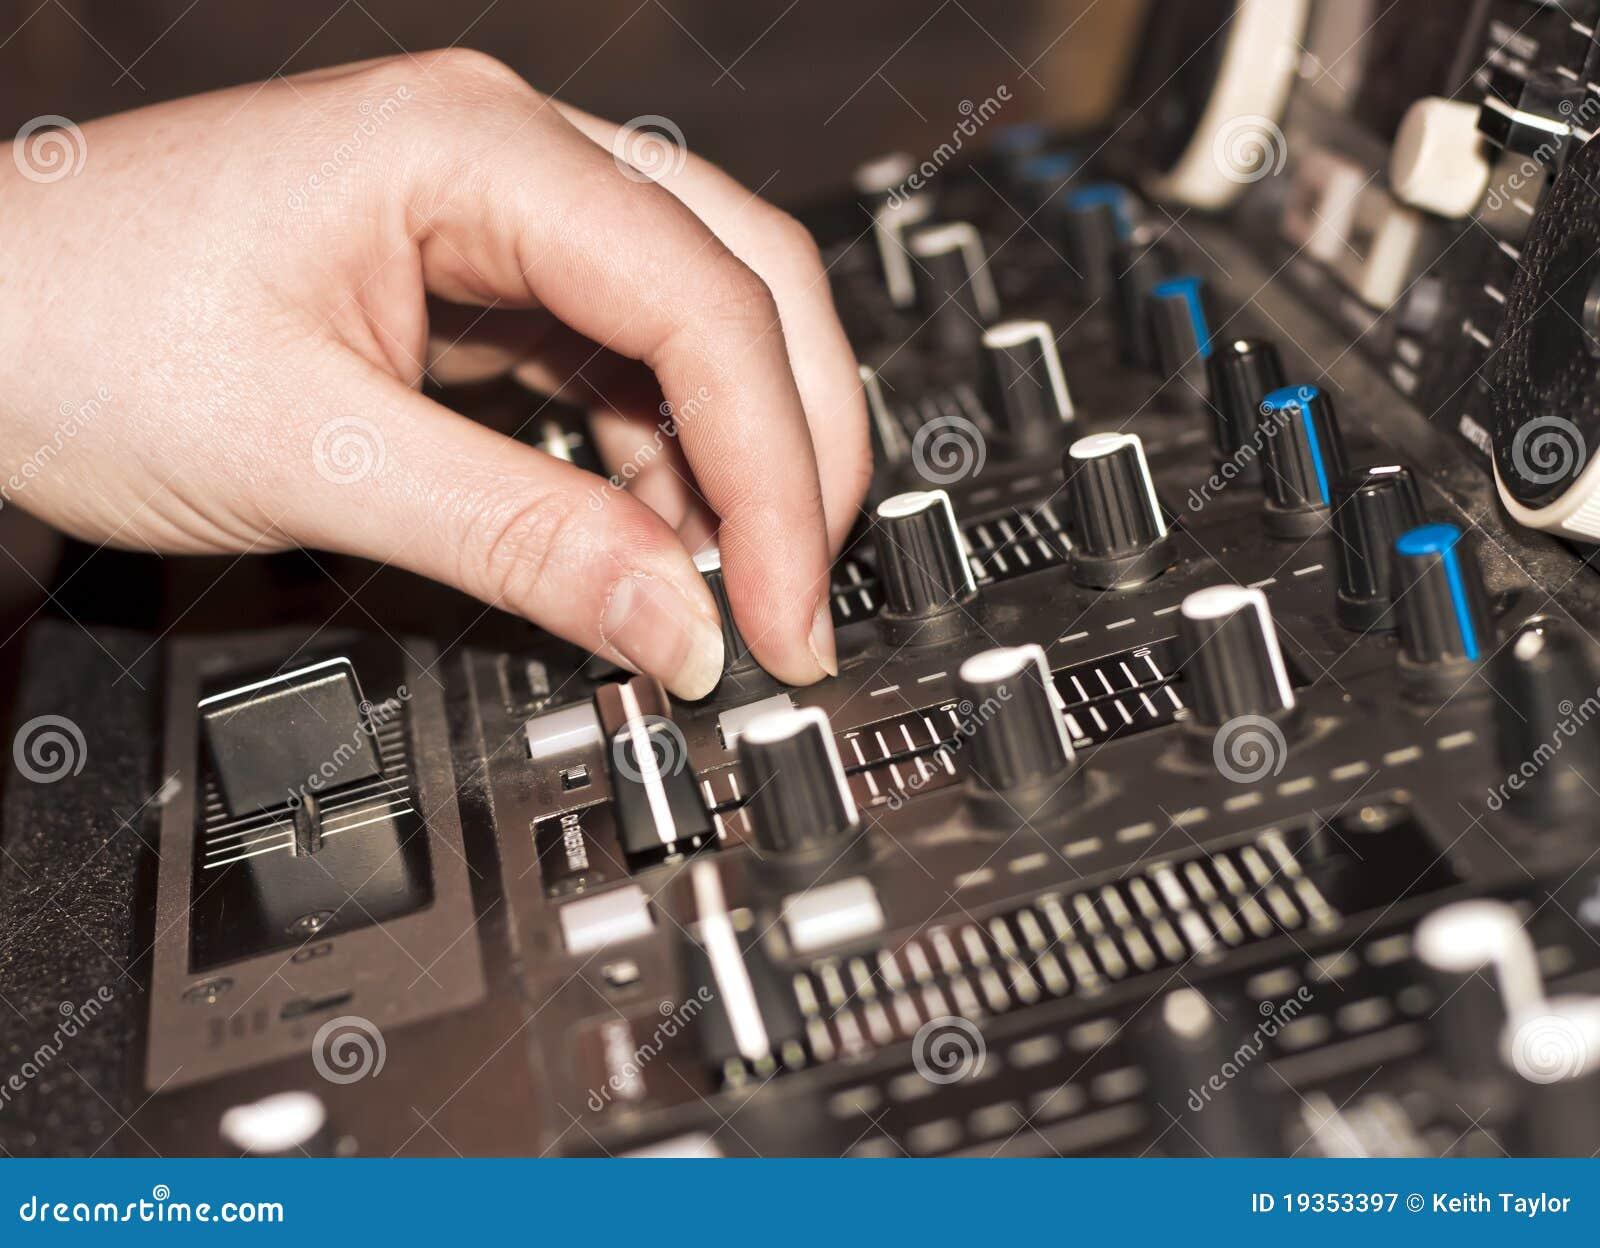 DJ que usa a plataforma de mistura audio no clube